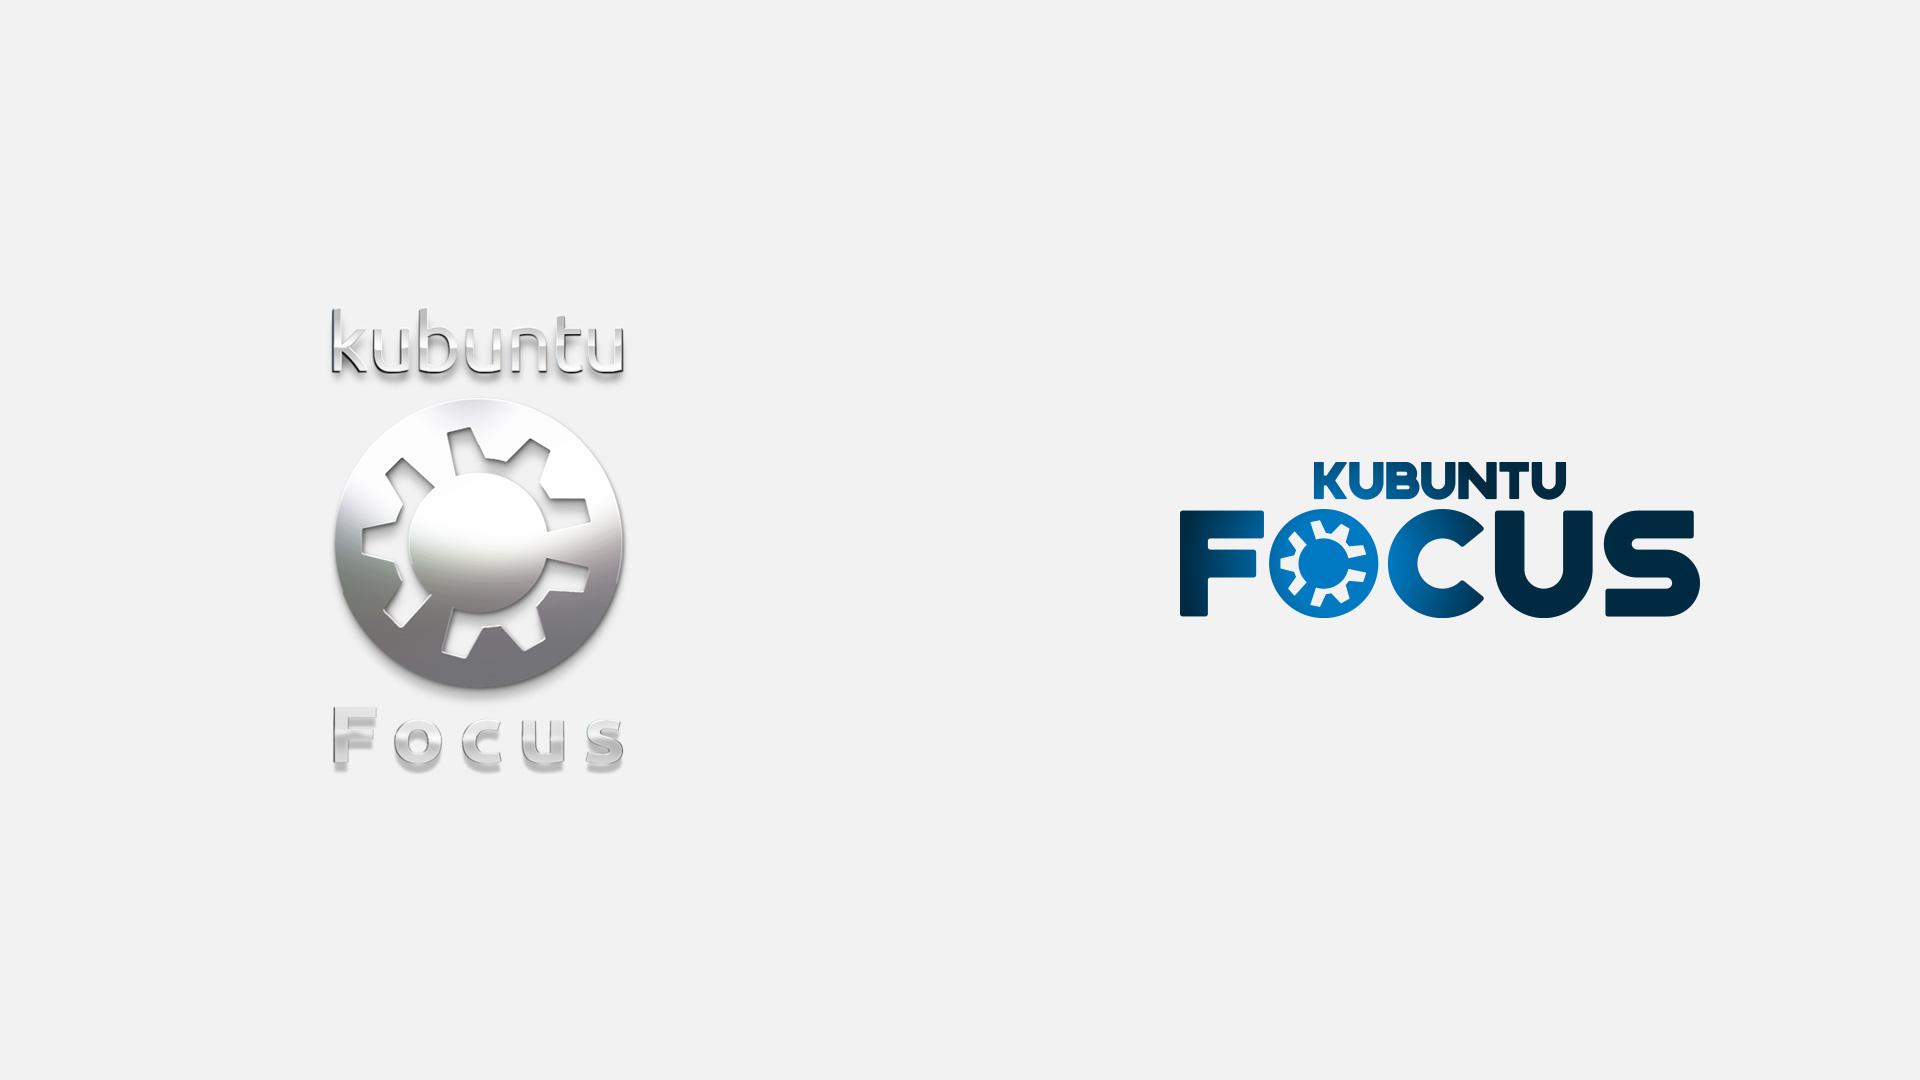 01-kfocus-logo_before